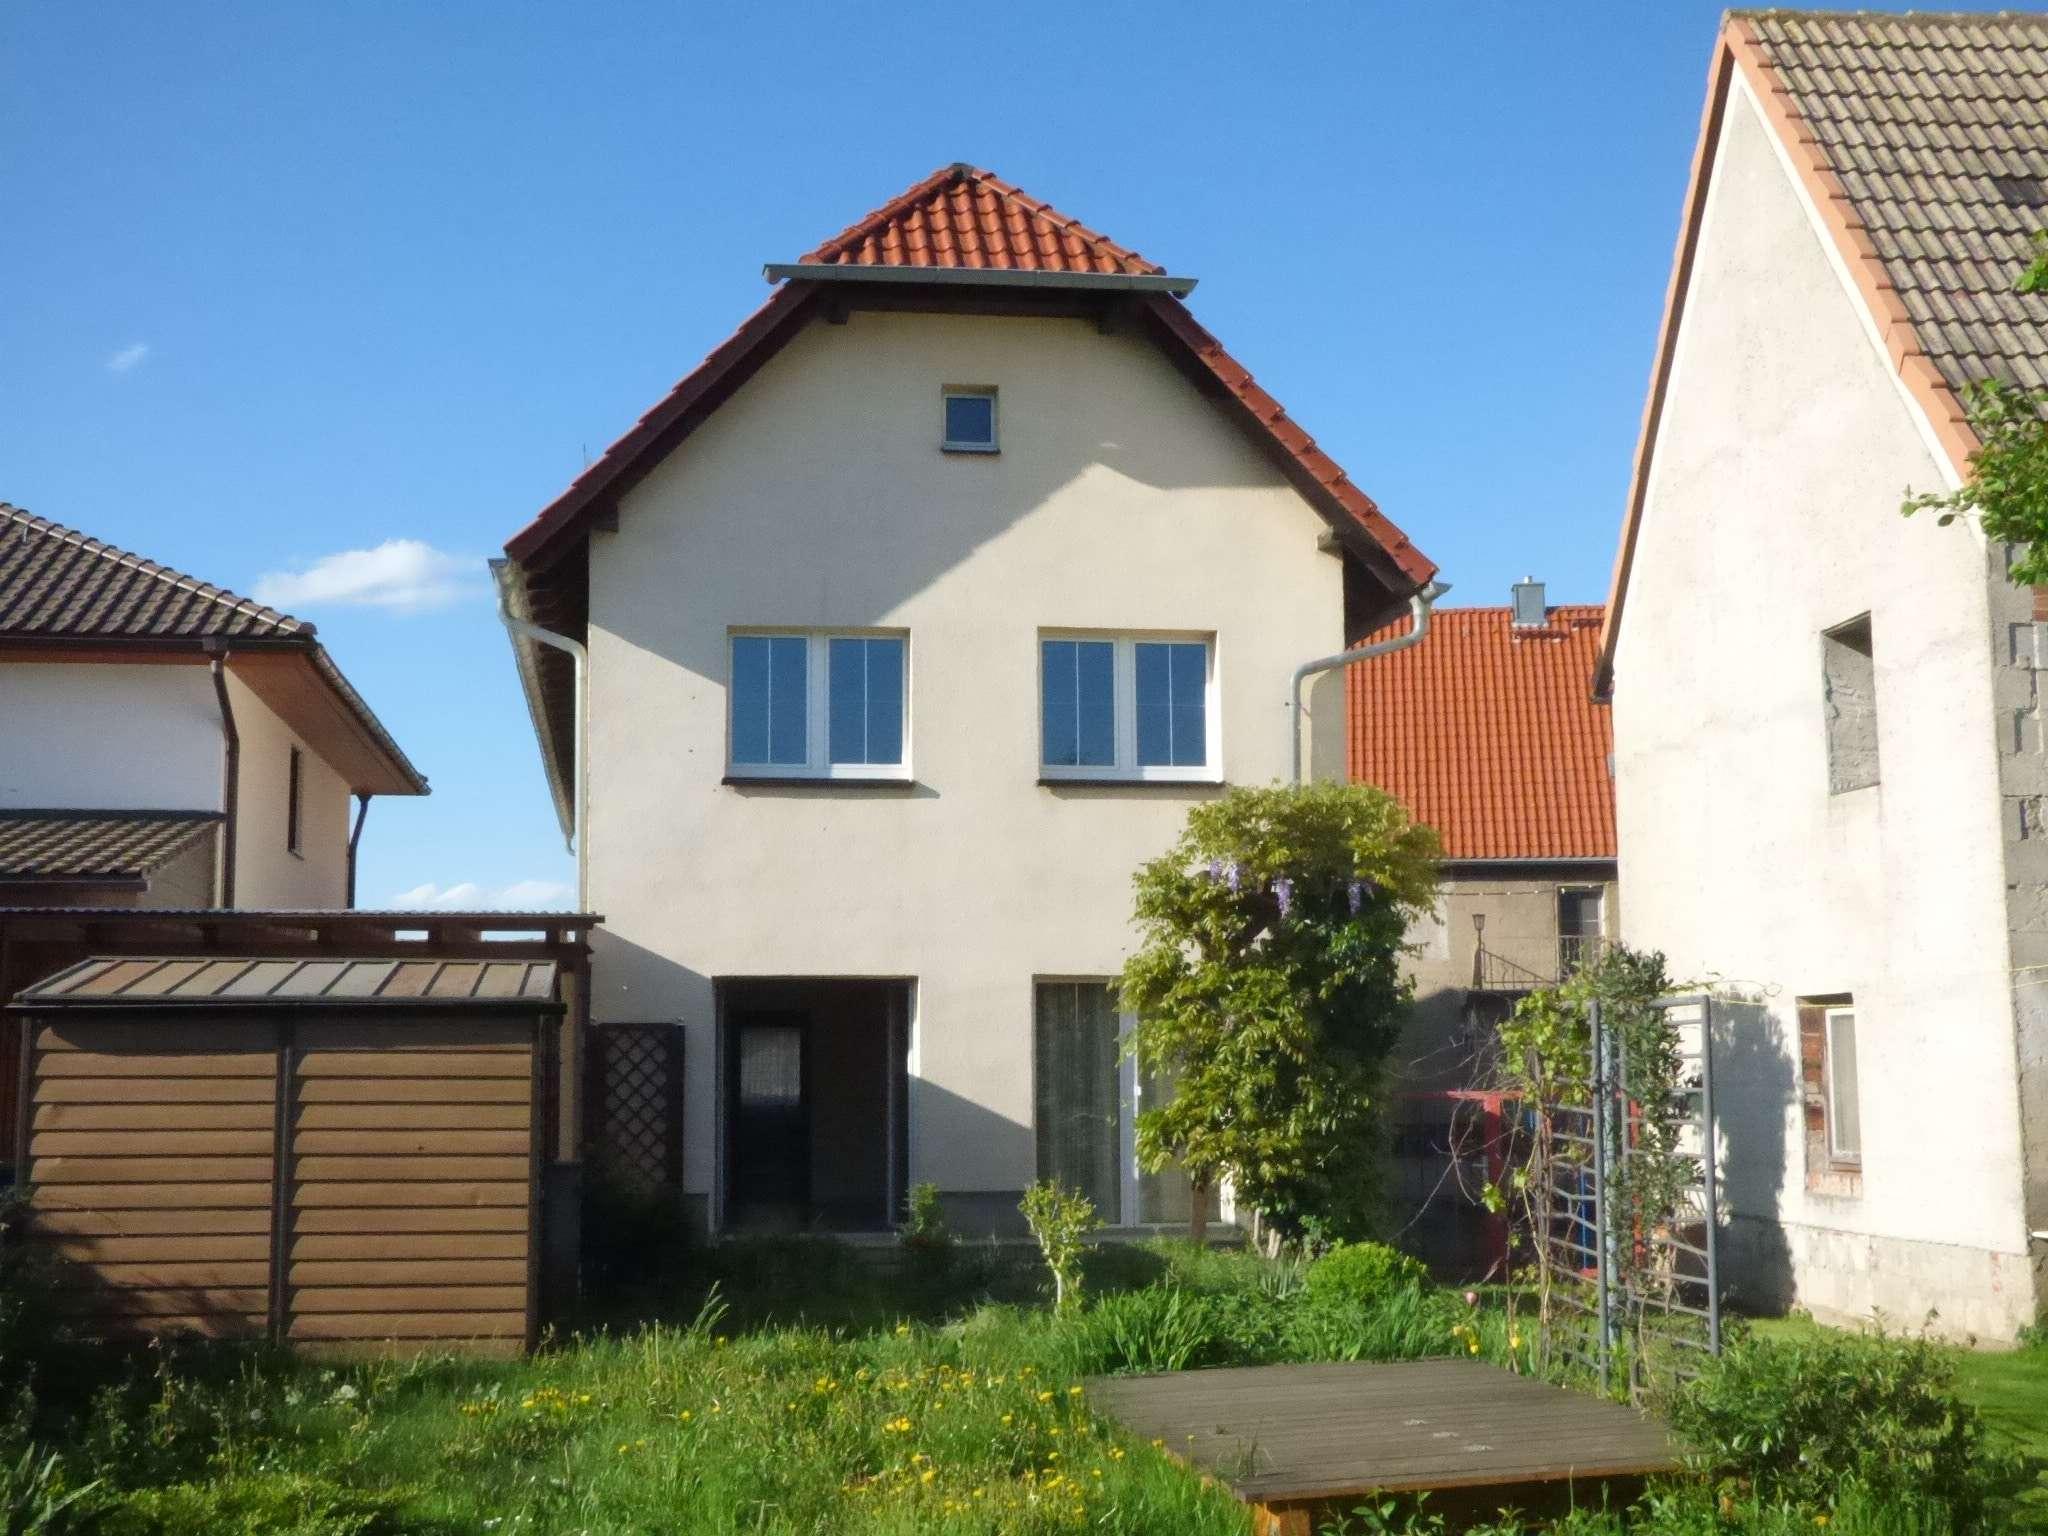 Zeithain, großzügiges, modernisiertes Wohnhaus mit Terrasse und Garten - Haus zum Kauf in Zeithain